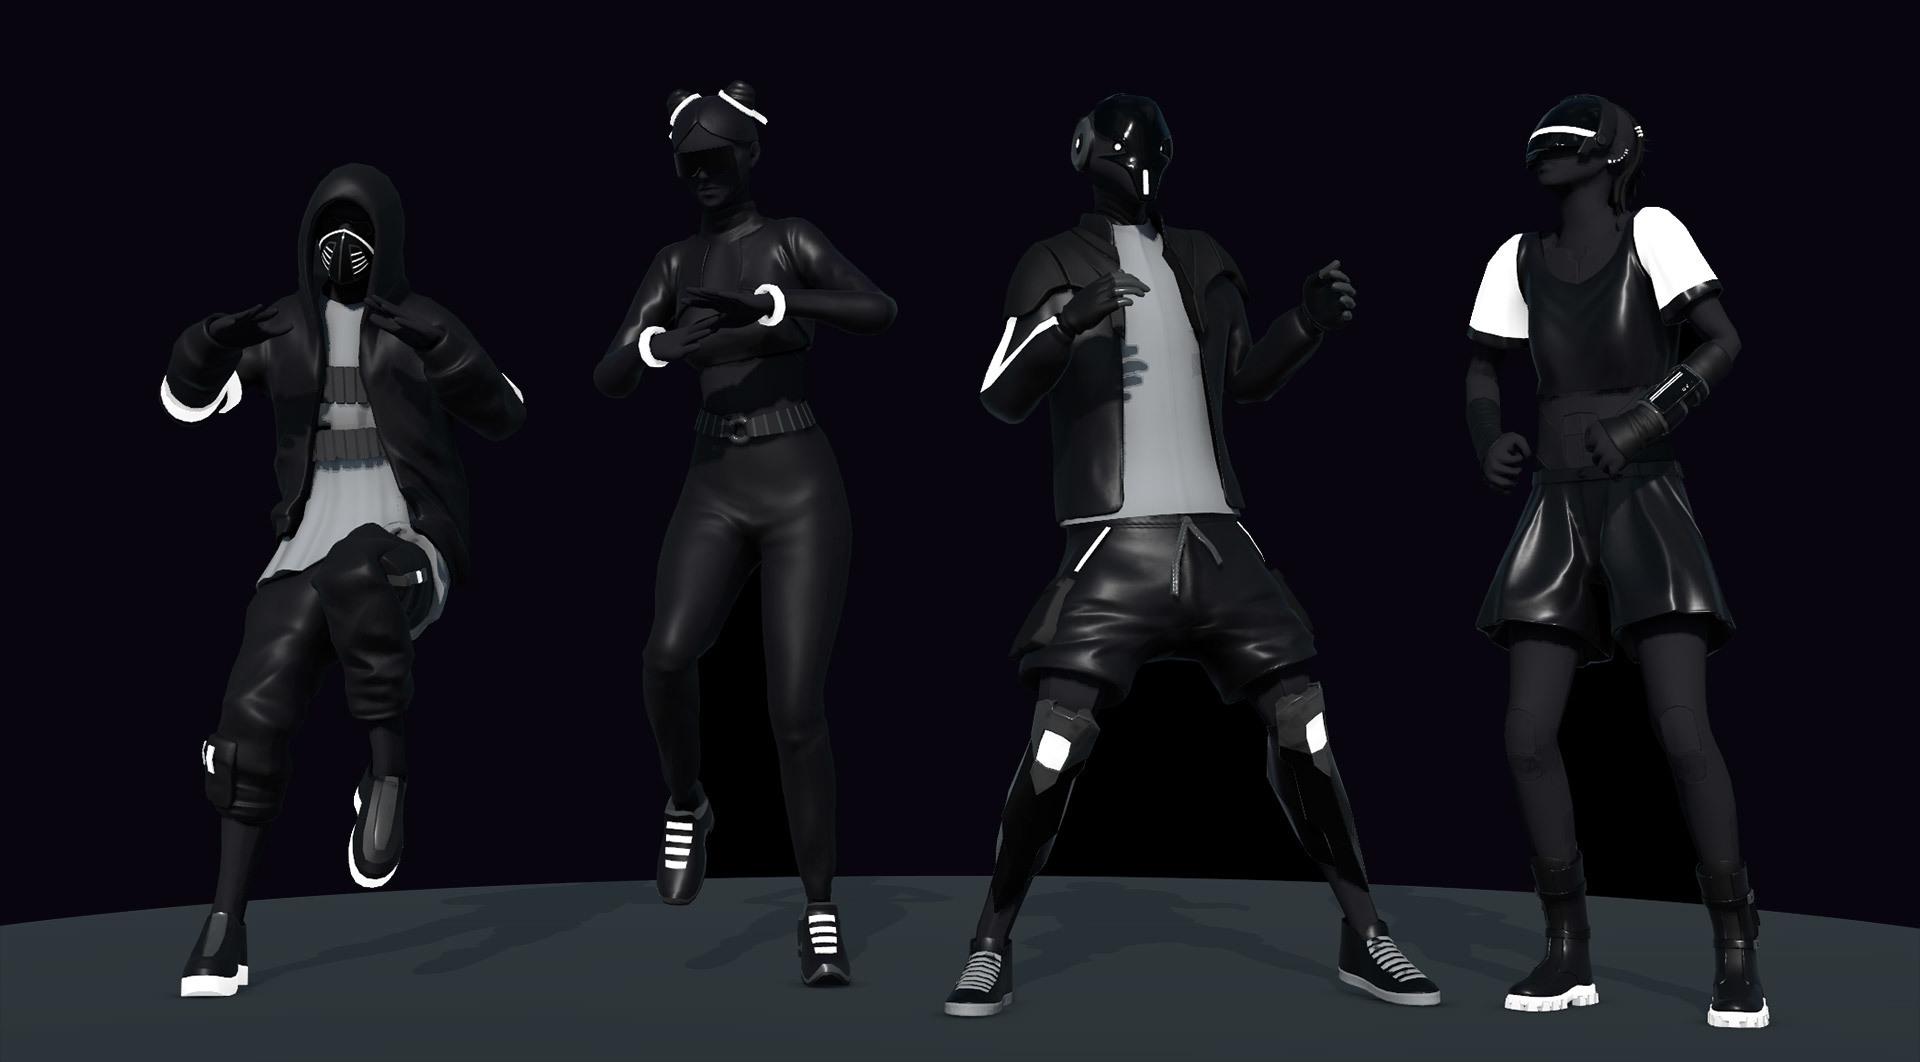 Kts character dancing